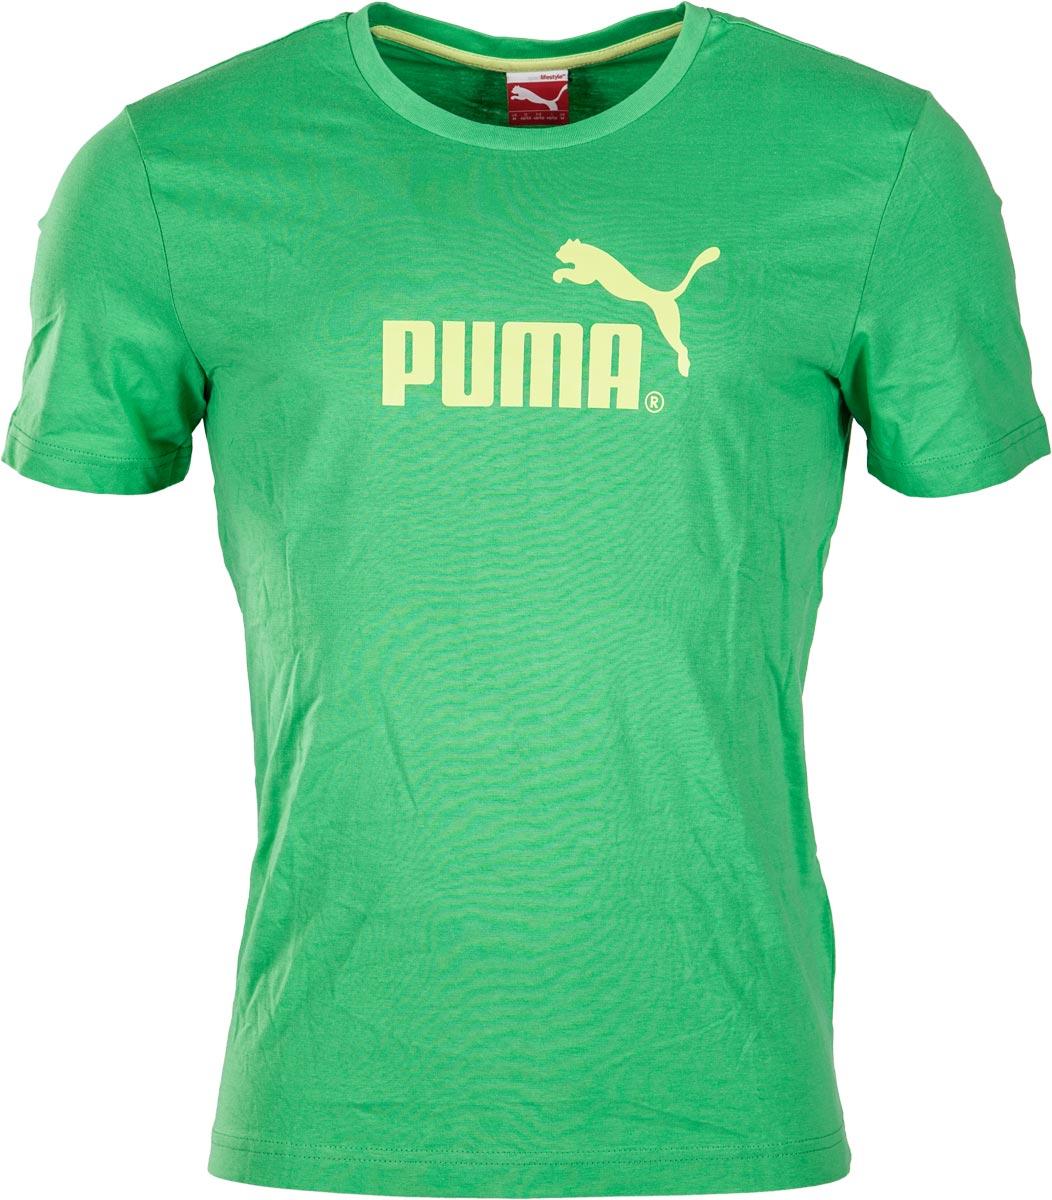 7698089f6b6 Puma Large No 1 Logo Tee | sportisimo.com